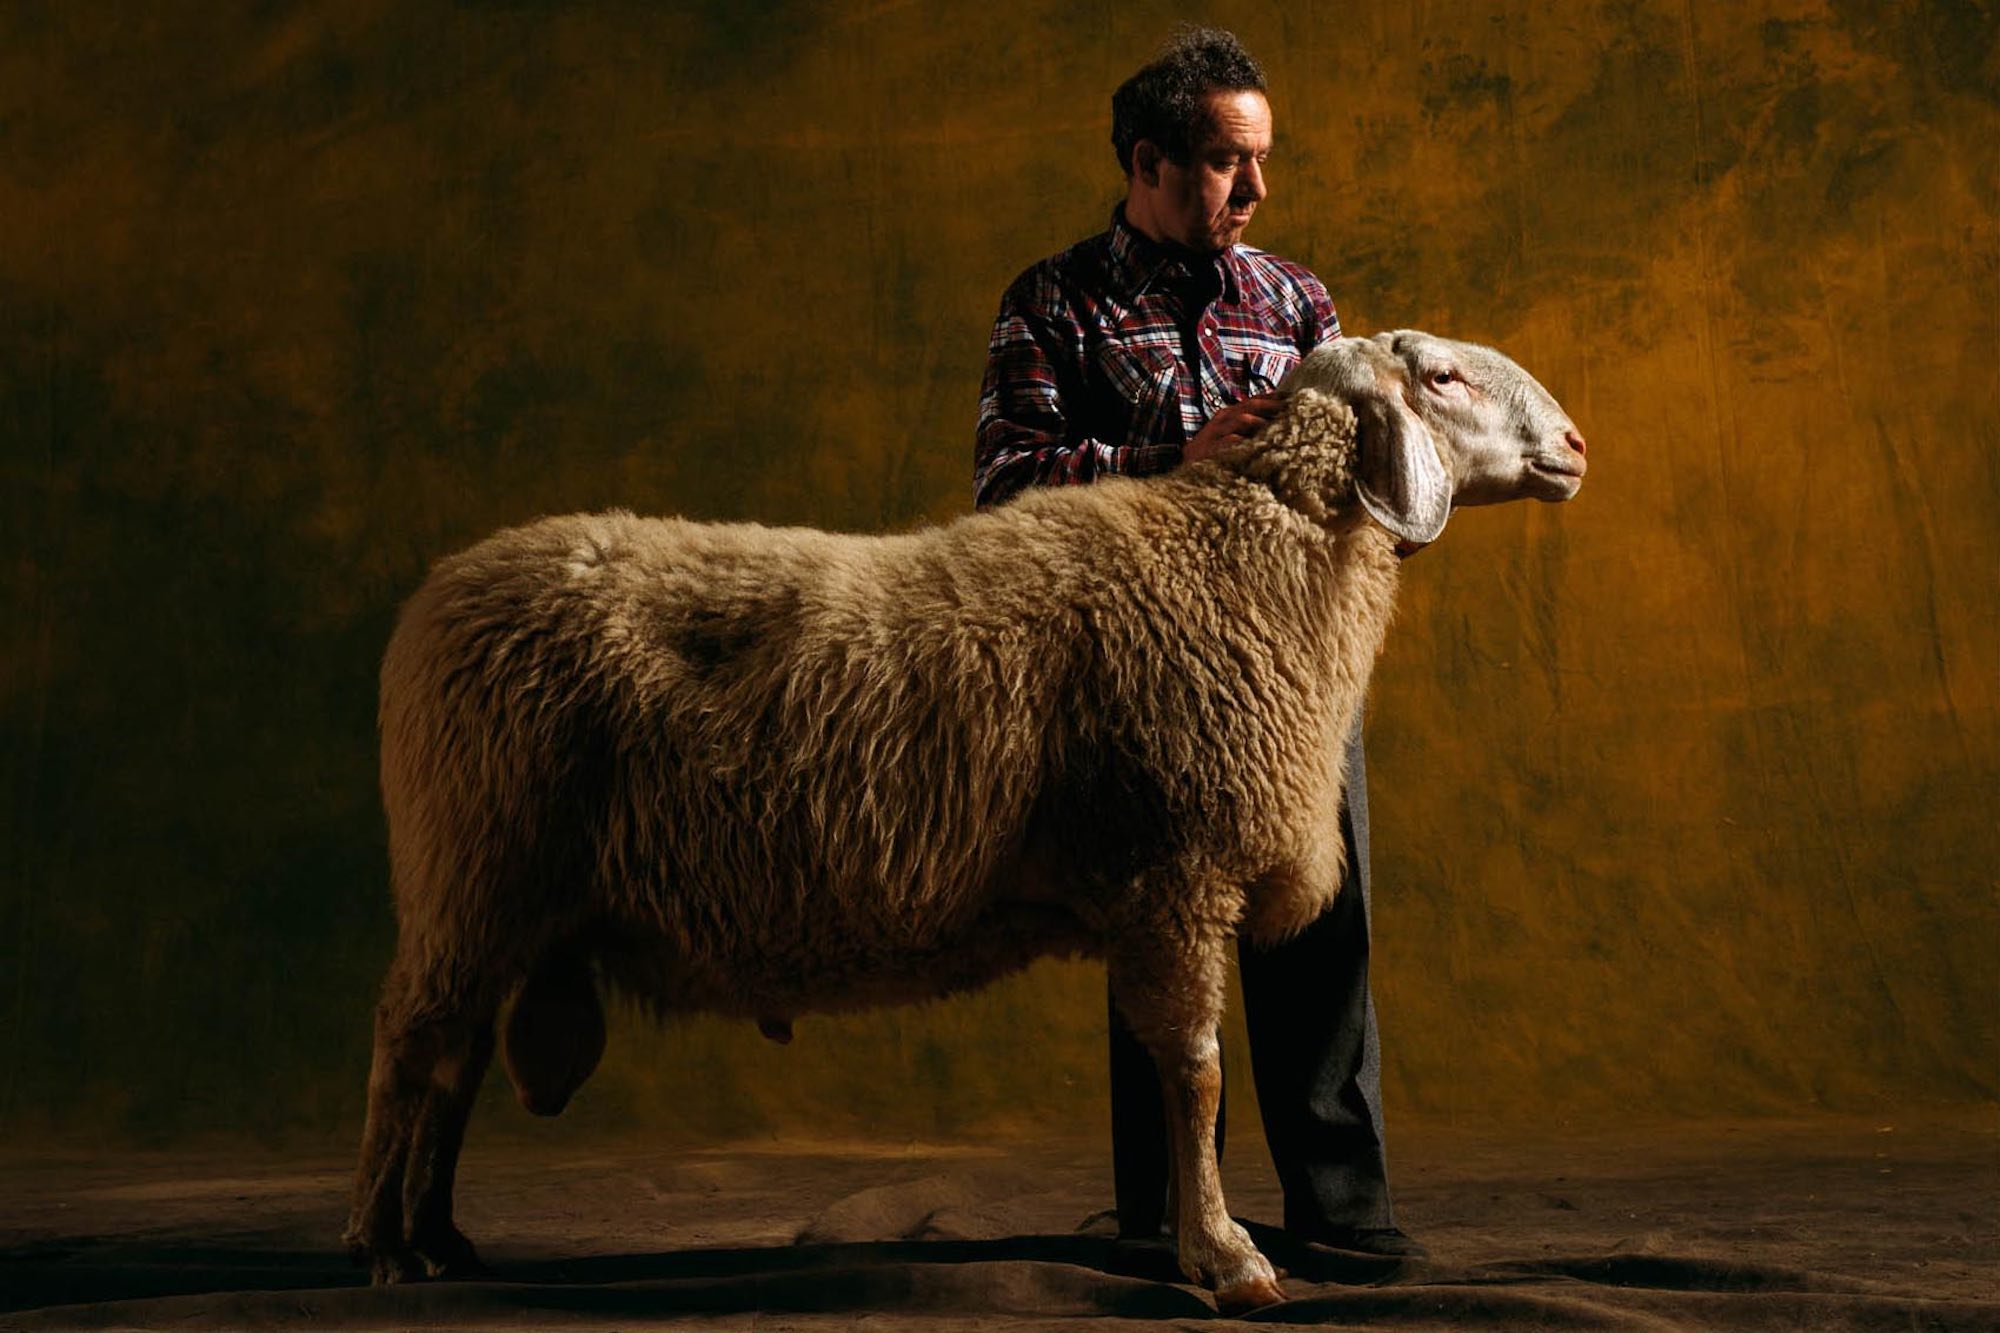 Bergamasca ram, Sheep - Yann Arthus-Bertrand